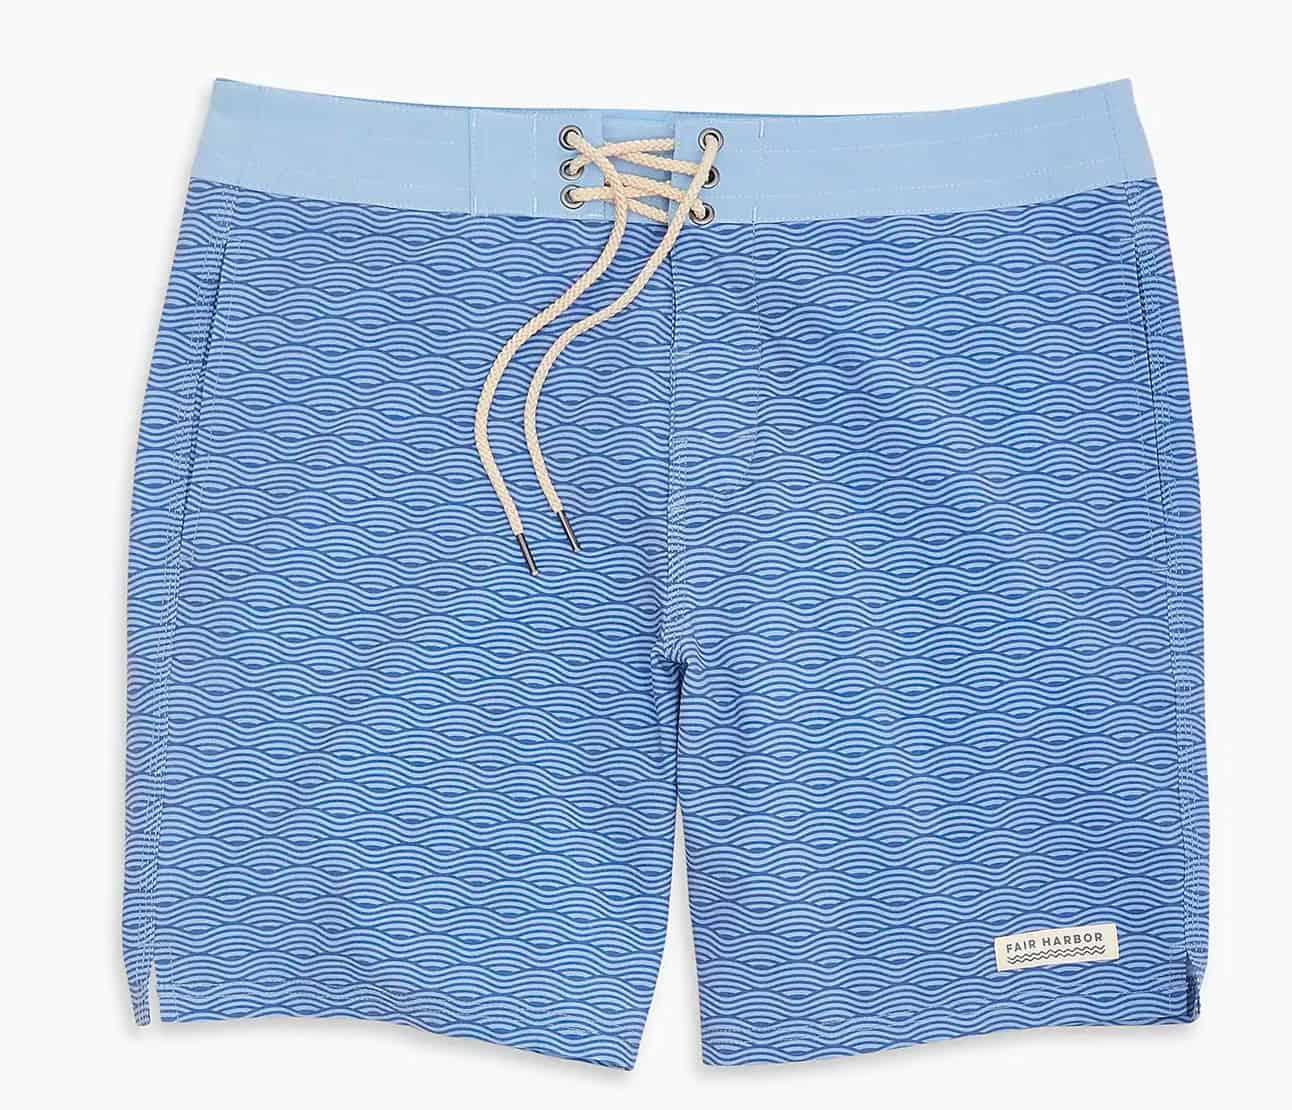 jcrew swim trunks